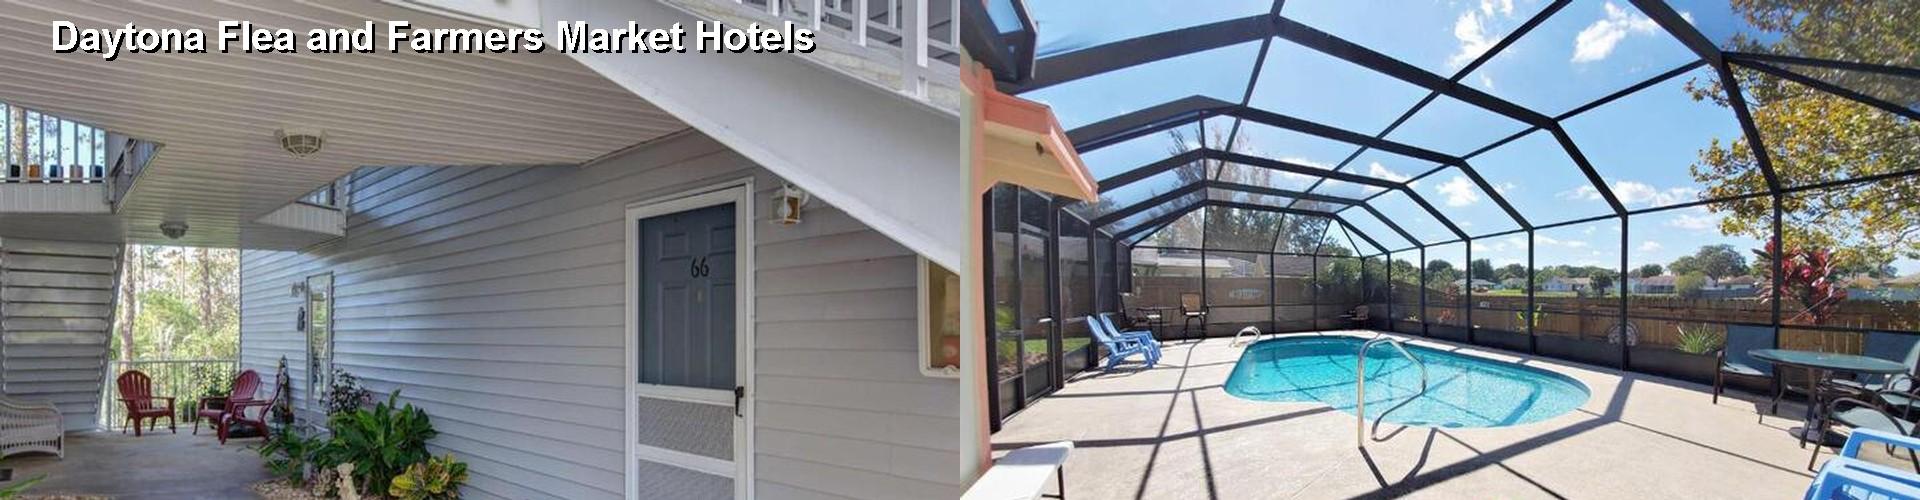 5 Best Hotels Near Daytona Flea And Farmers Market